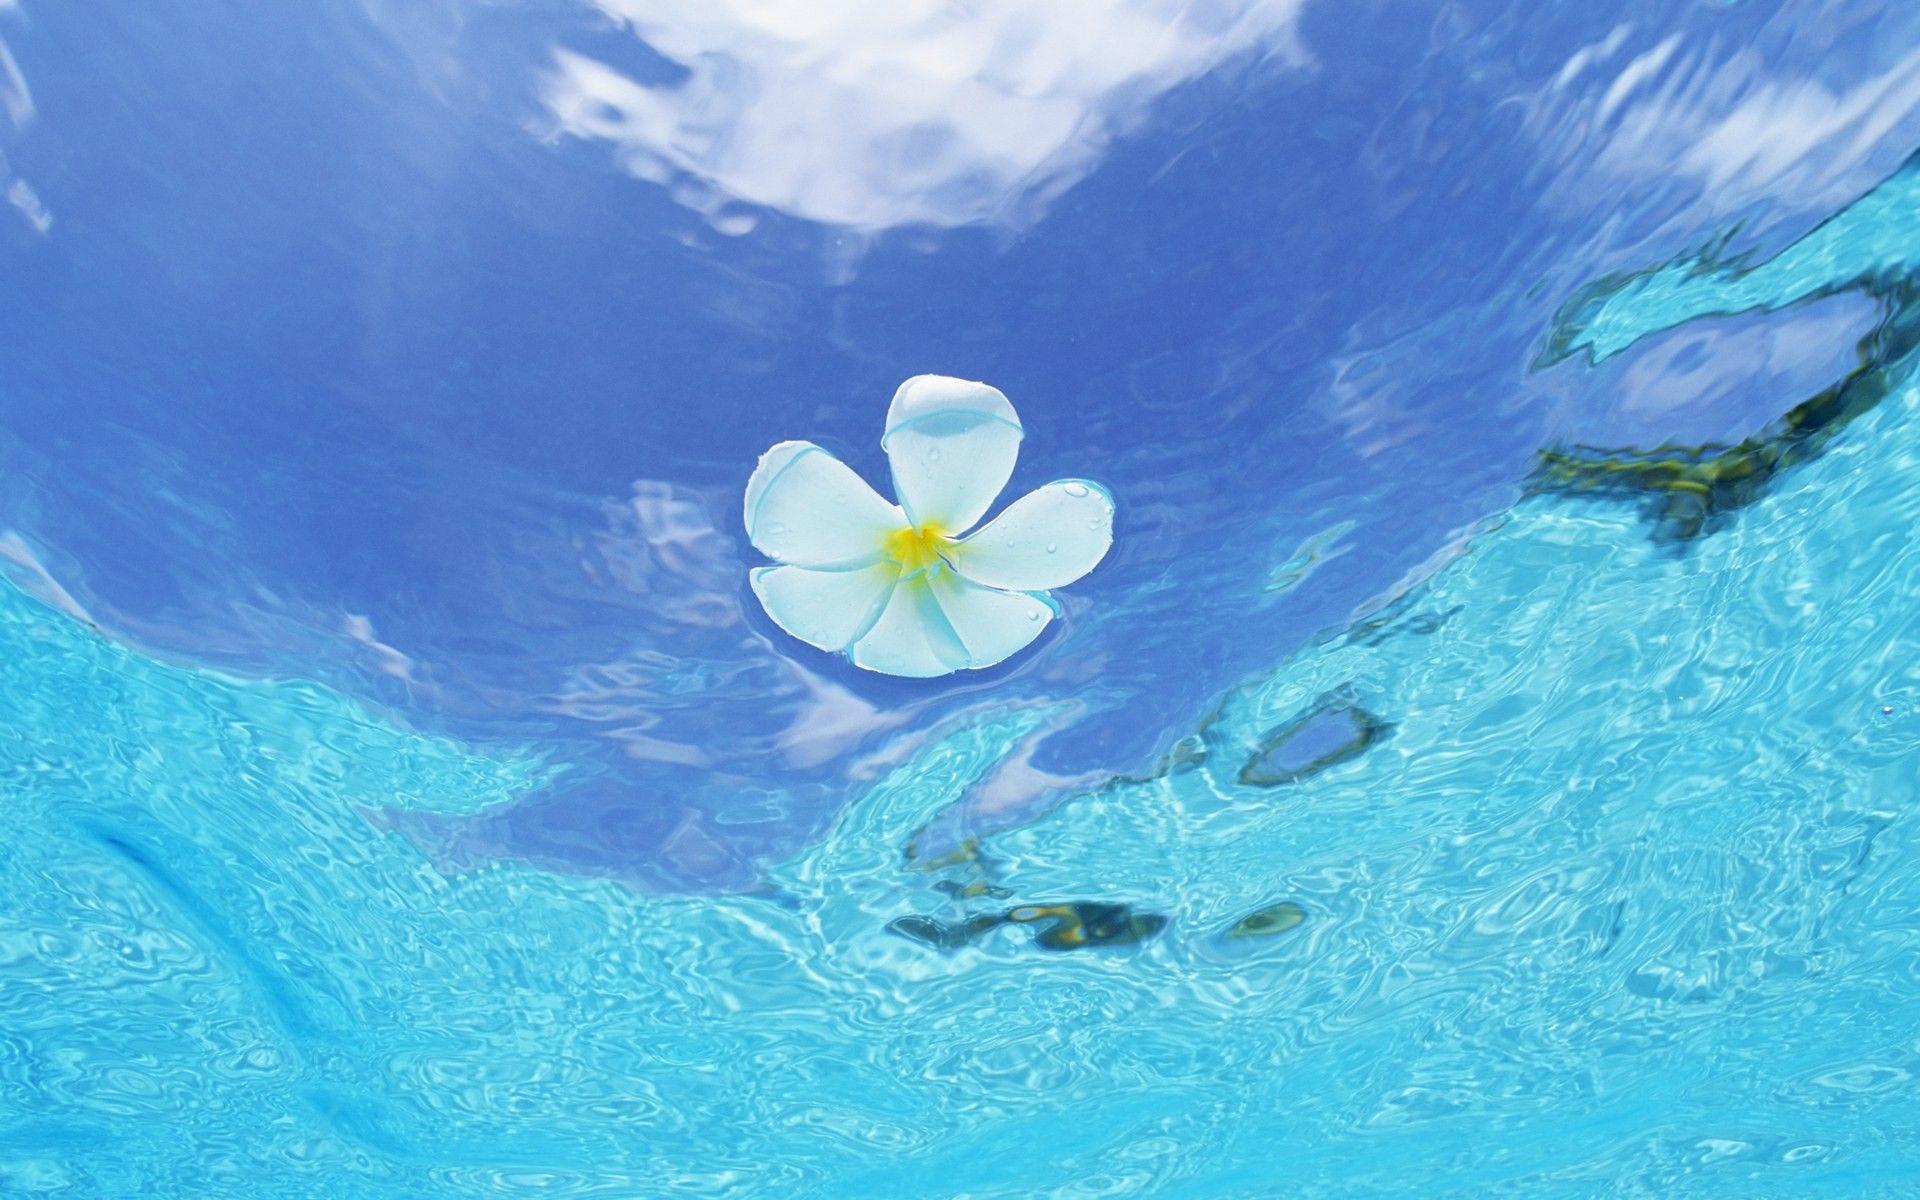 モルディブの水と青空 12 1920x1200 壁紙ダウンロード モルディブの水と青空 風景 壁紙 V3の壁紙 モルディブ ビーチの壁紙 青空